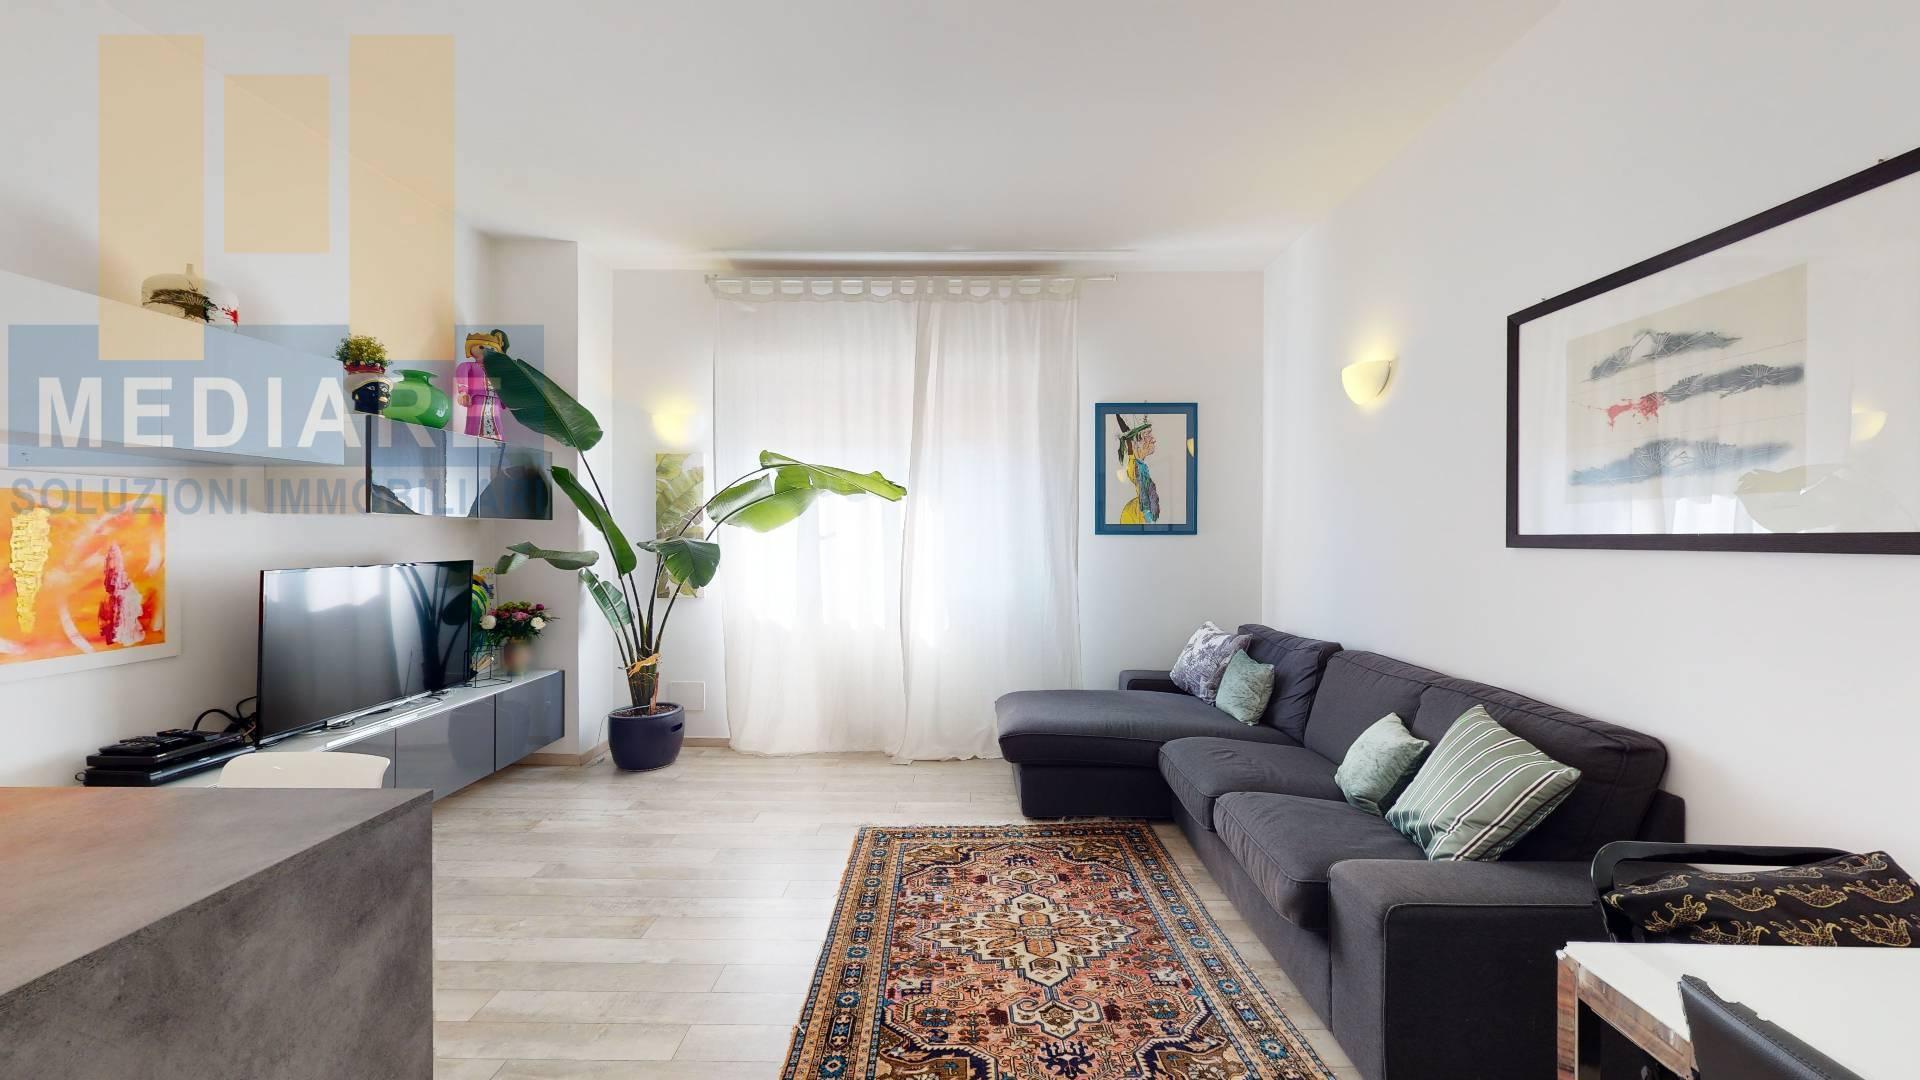 Appartamento in vendita a Finale Ligure, 3 locali, zona Zona: Finalborgo, prezzo € 335.000 | CambioCasa.it